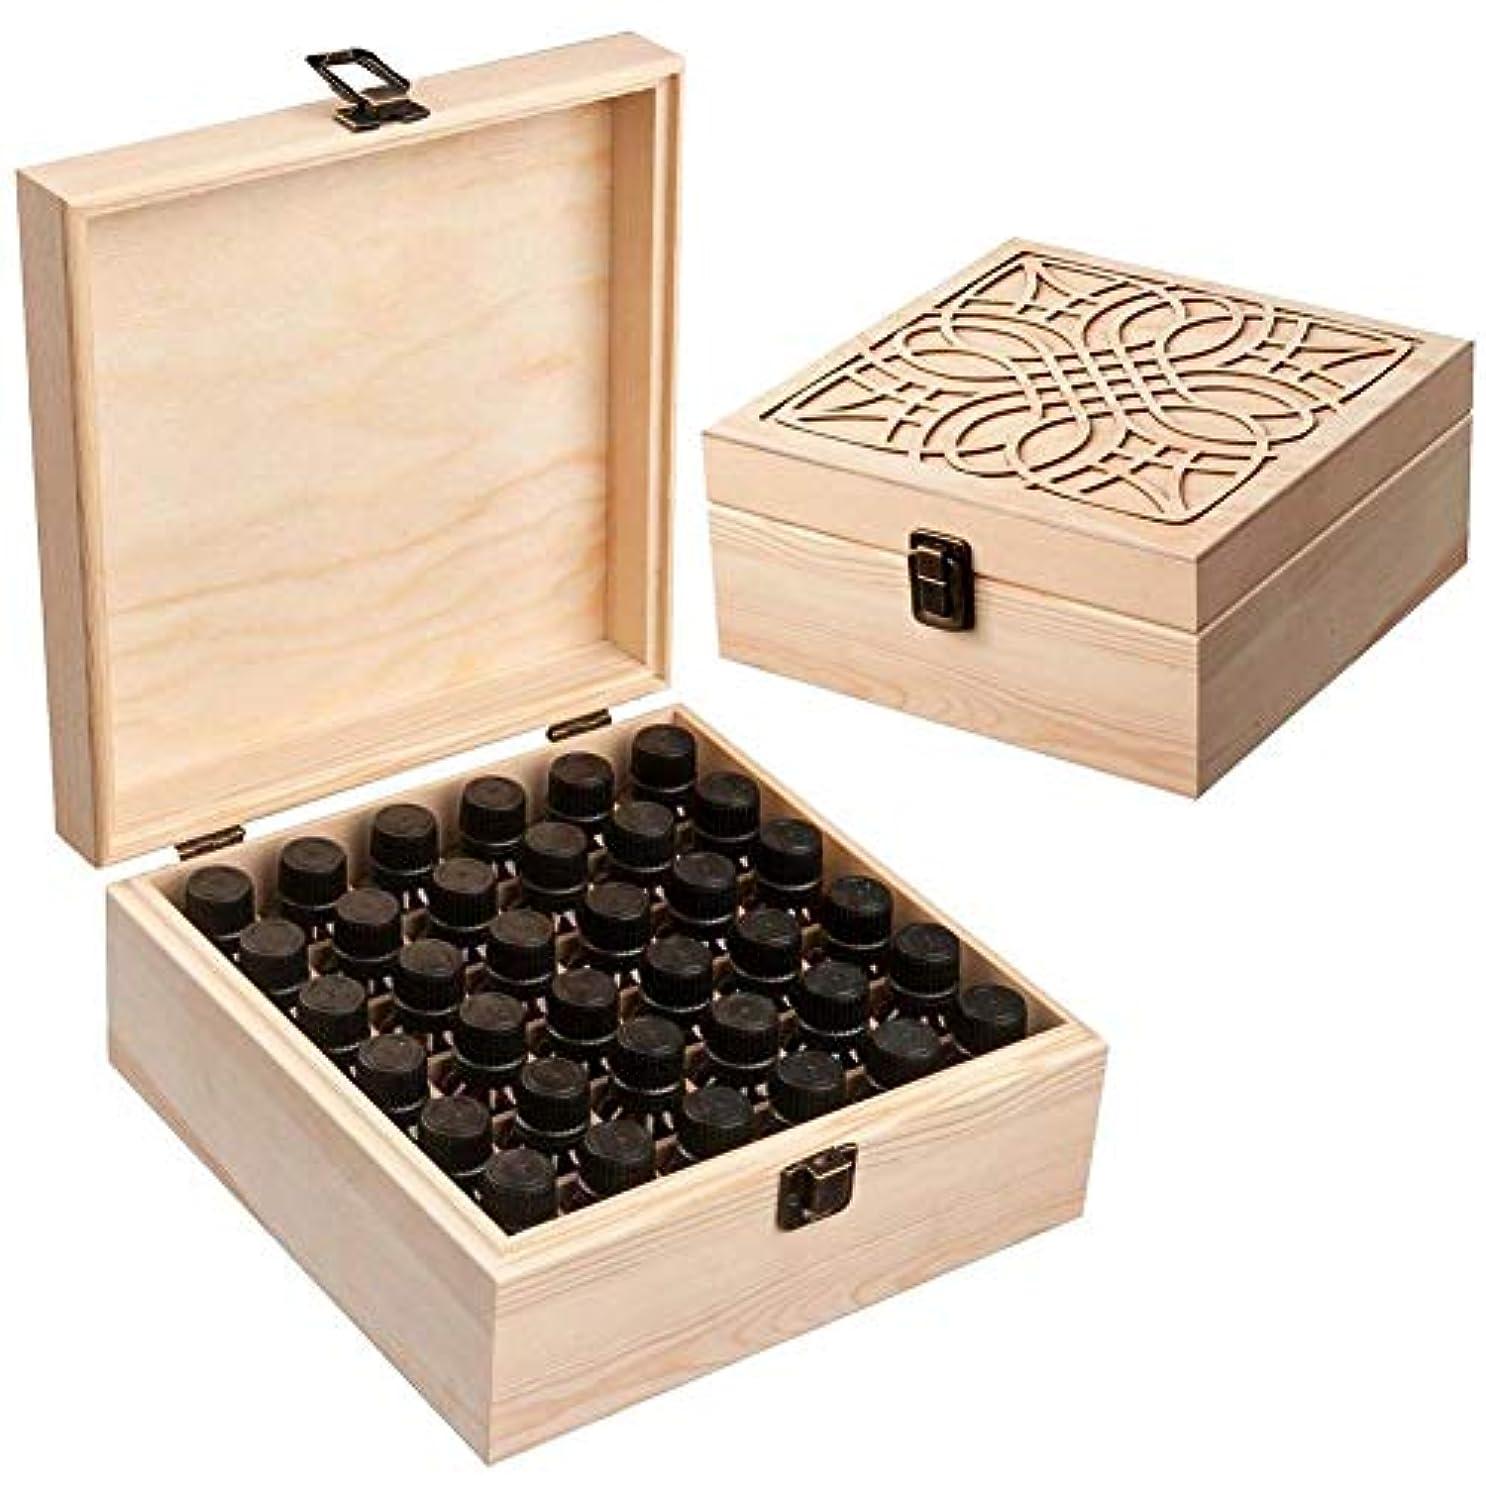 知的観客訴えるNewfashion エッセンシャルオイル収納ボックス 精油収納 アロマケース 木製 大容量 携帯便利 オイルボックス 飾り物 36本用